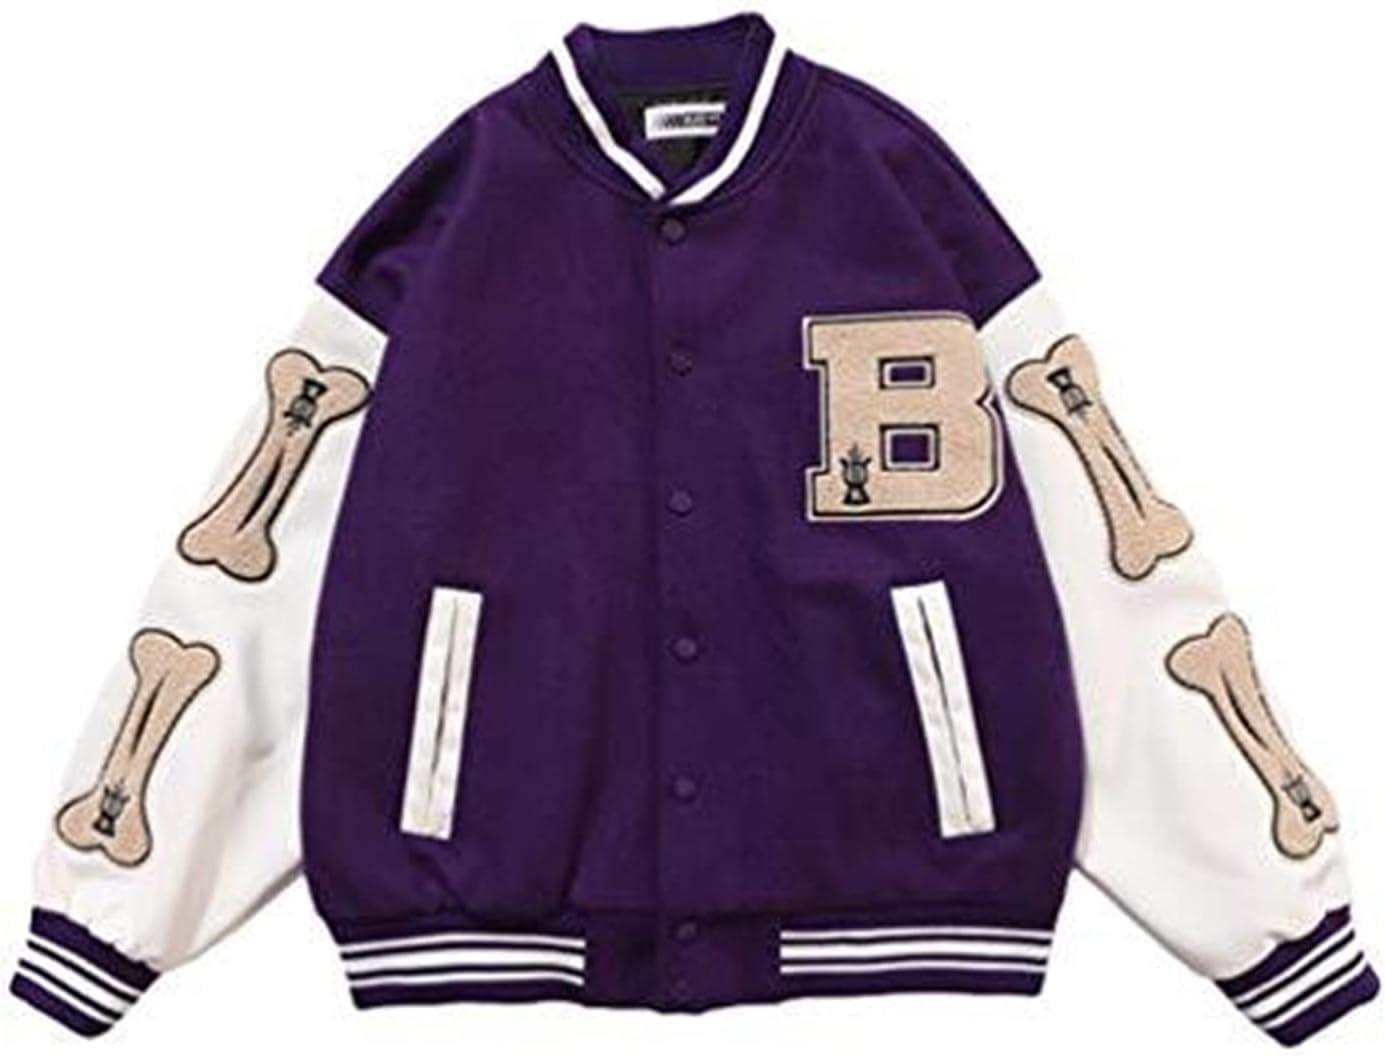 GYYlucky Mens Baseball Jacket Limited price Vintage Coat Unisex SEAL limited product Varsity